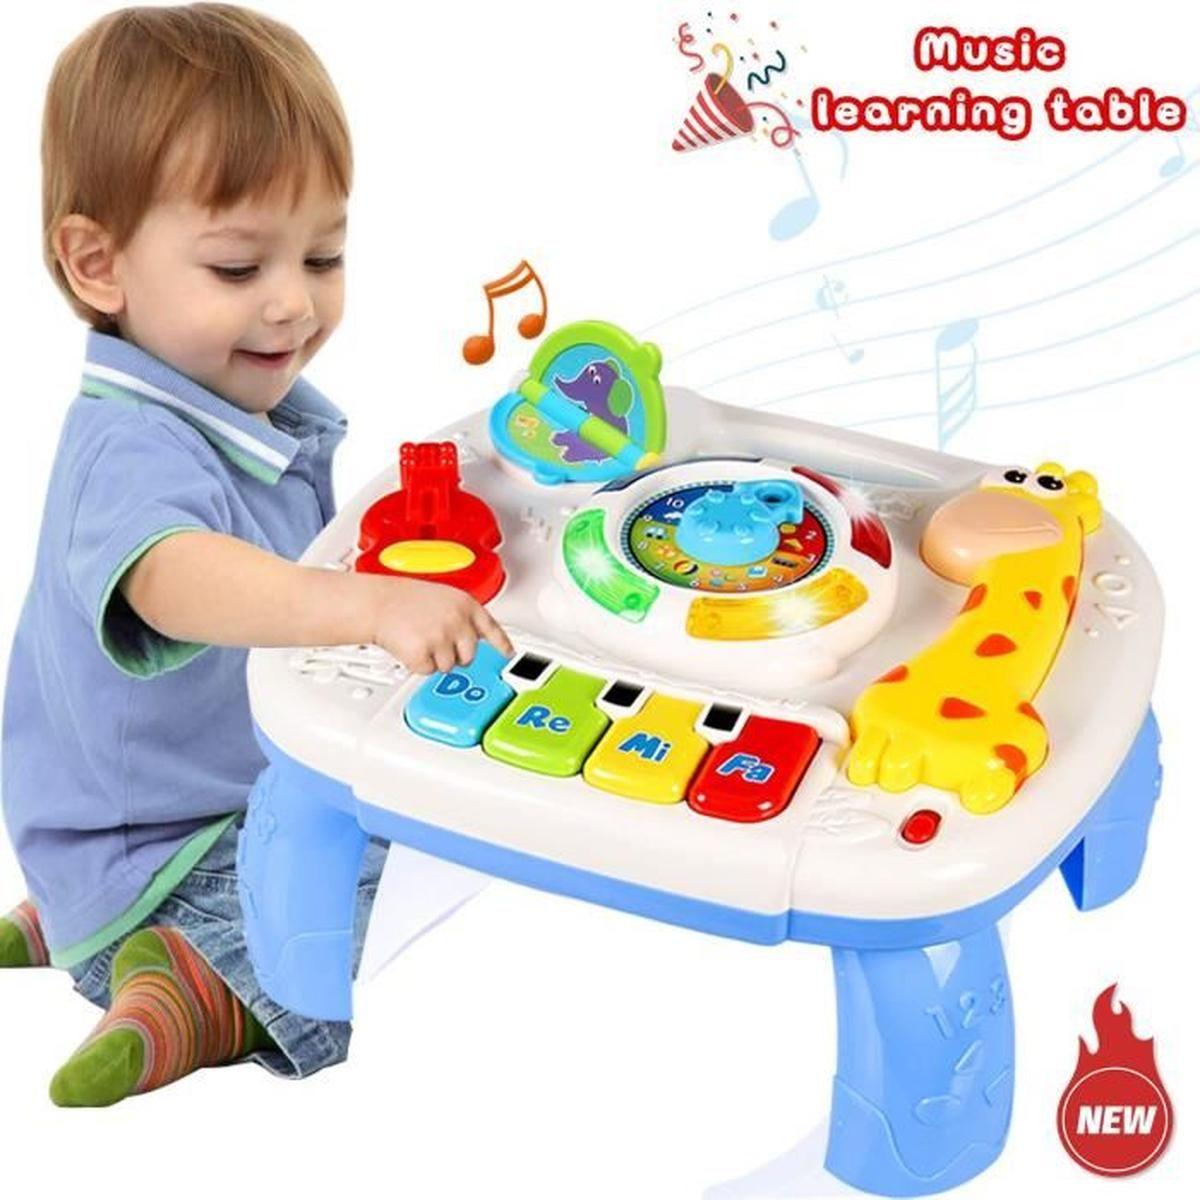 Table D'étude Musicale Jouet Pour Les Bébés De 18 Mois Jouet destiné Jeux Pour Les Bébé De 1 Ans